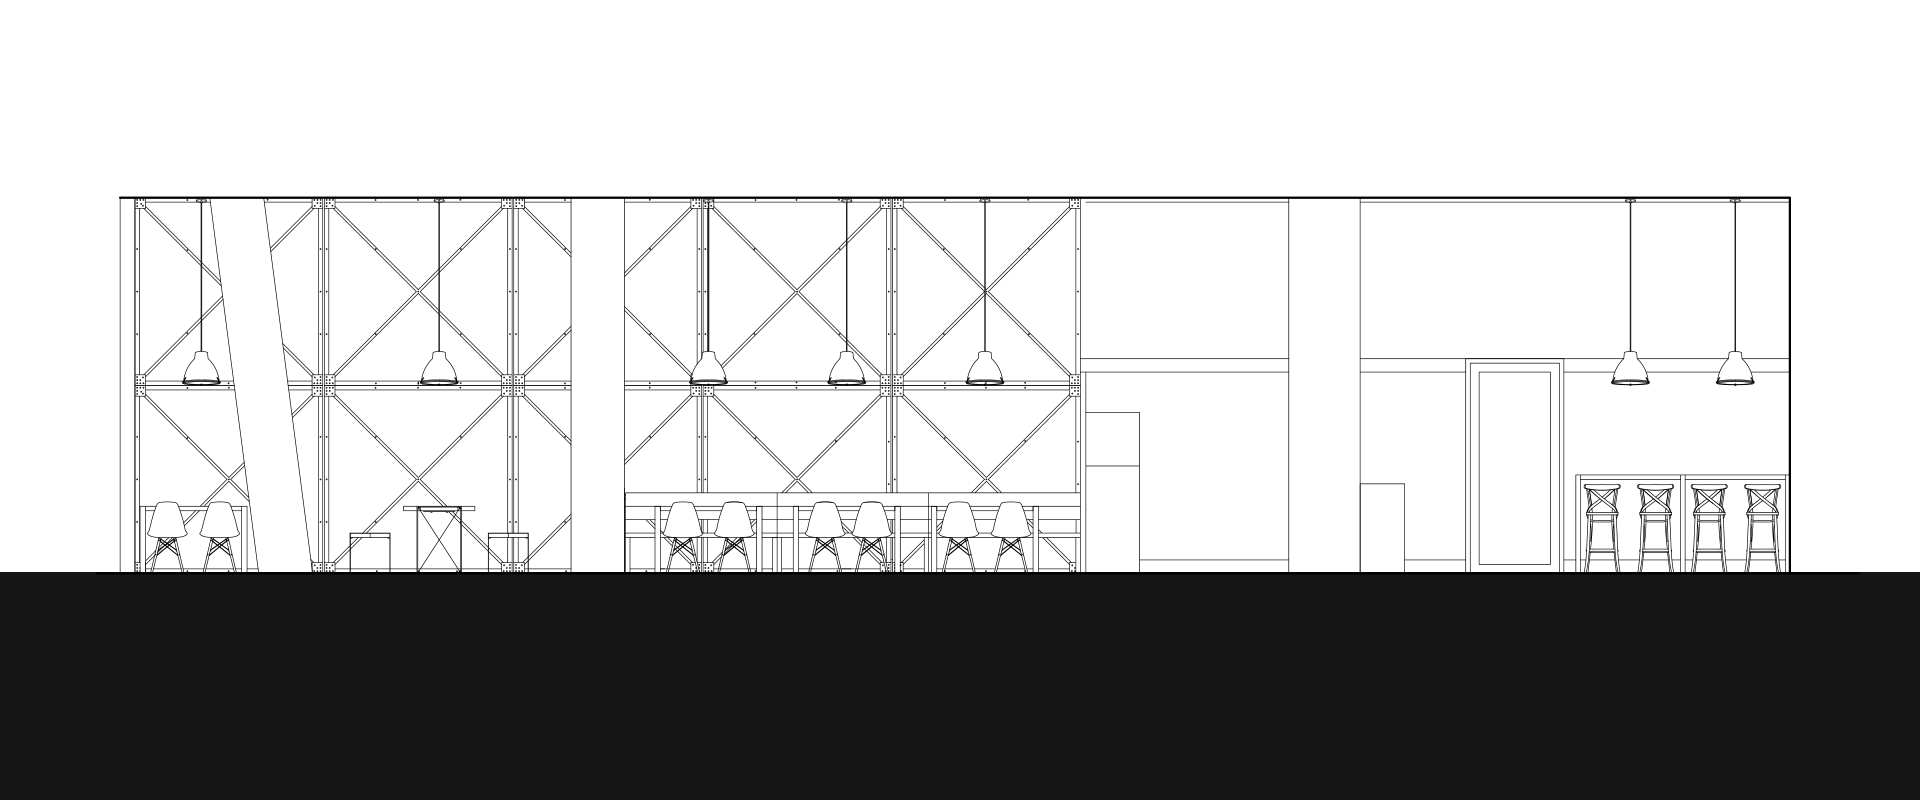 PuzzleAlpha-2-1